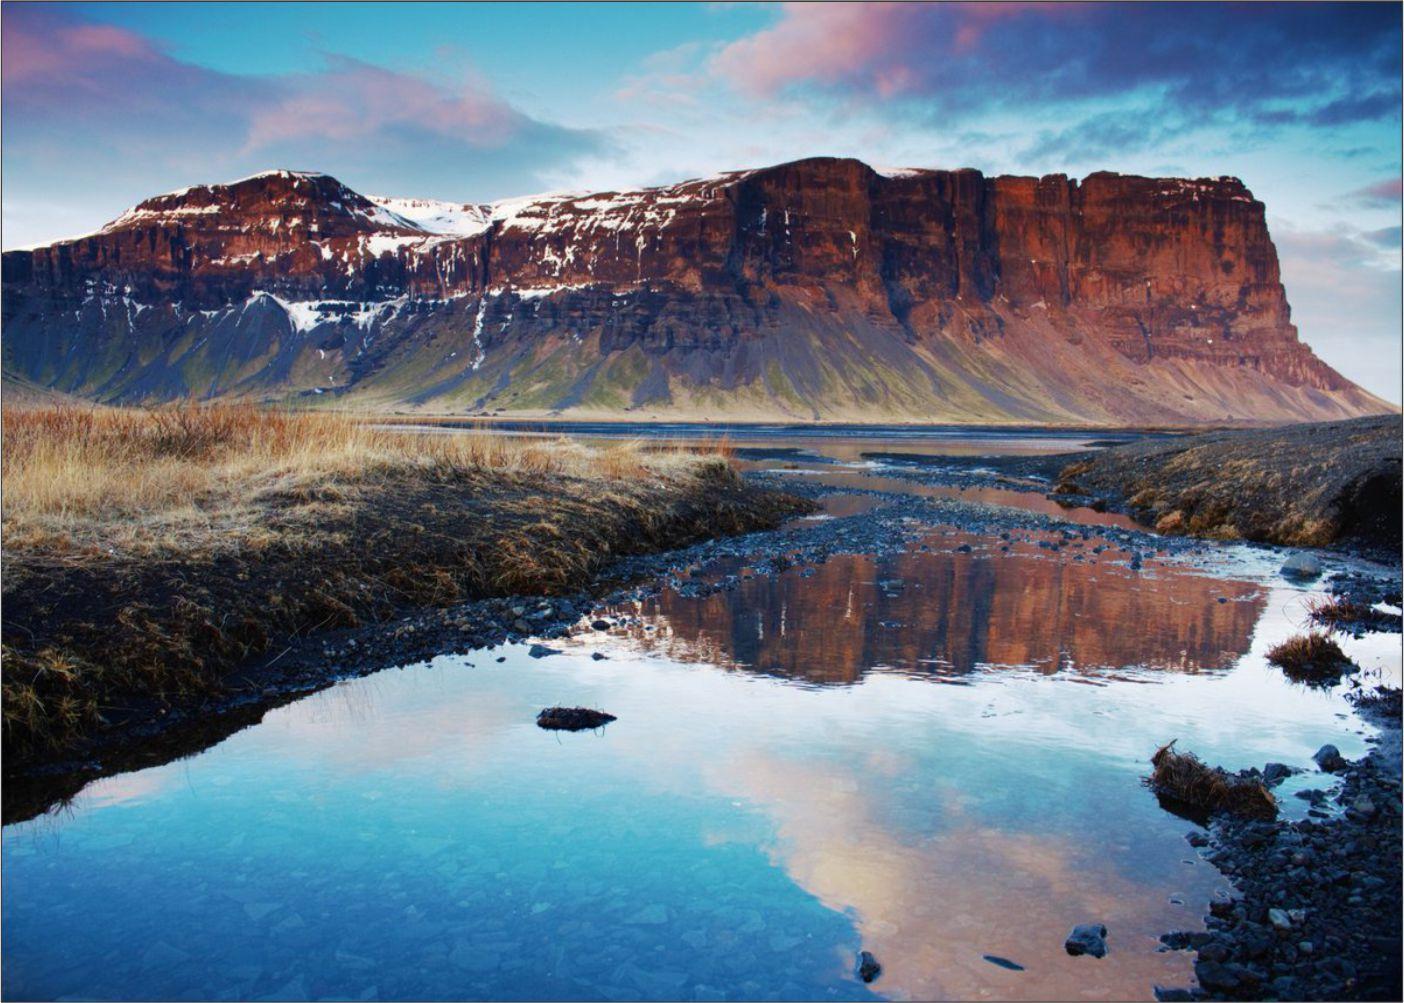 Papel de Parede Paisagens Montanhas 0016 - Adesivo de Parede